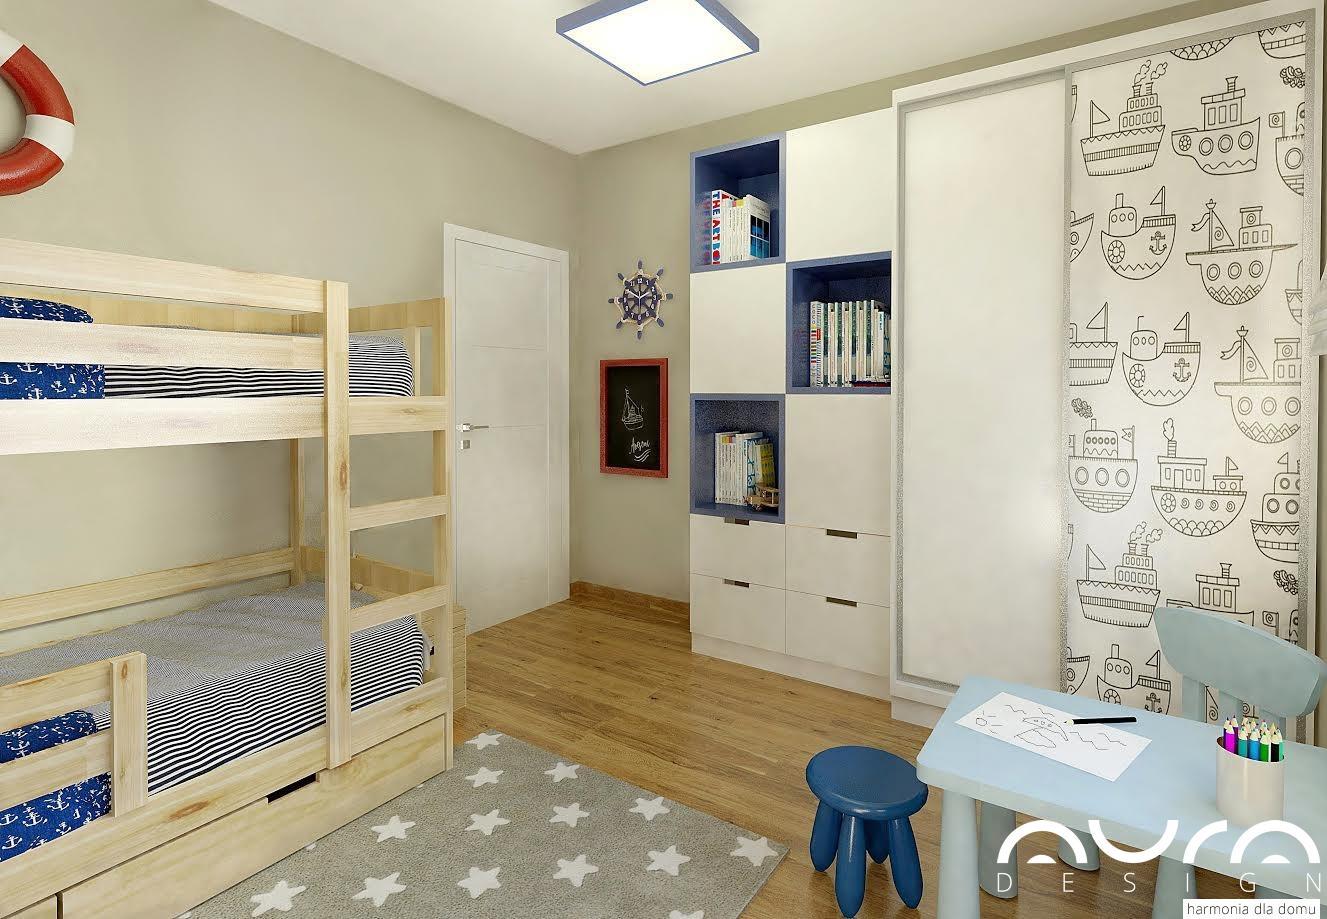 Pokój dla chłopca w nowoczesnym stylu, Szafa we wzór statków. Łóżeczko piętrowe w jasnym drewnie.